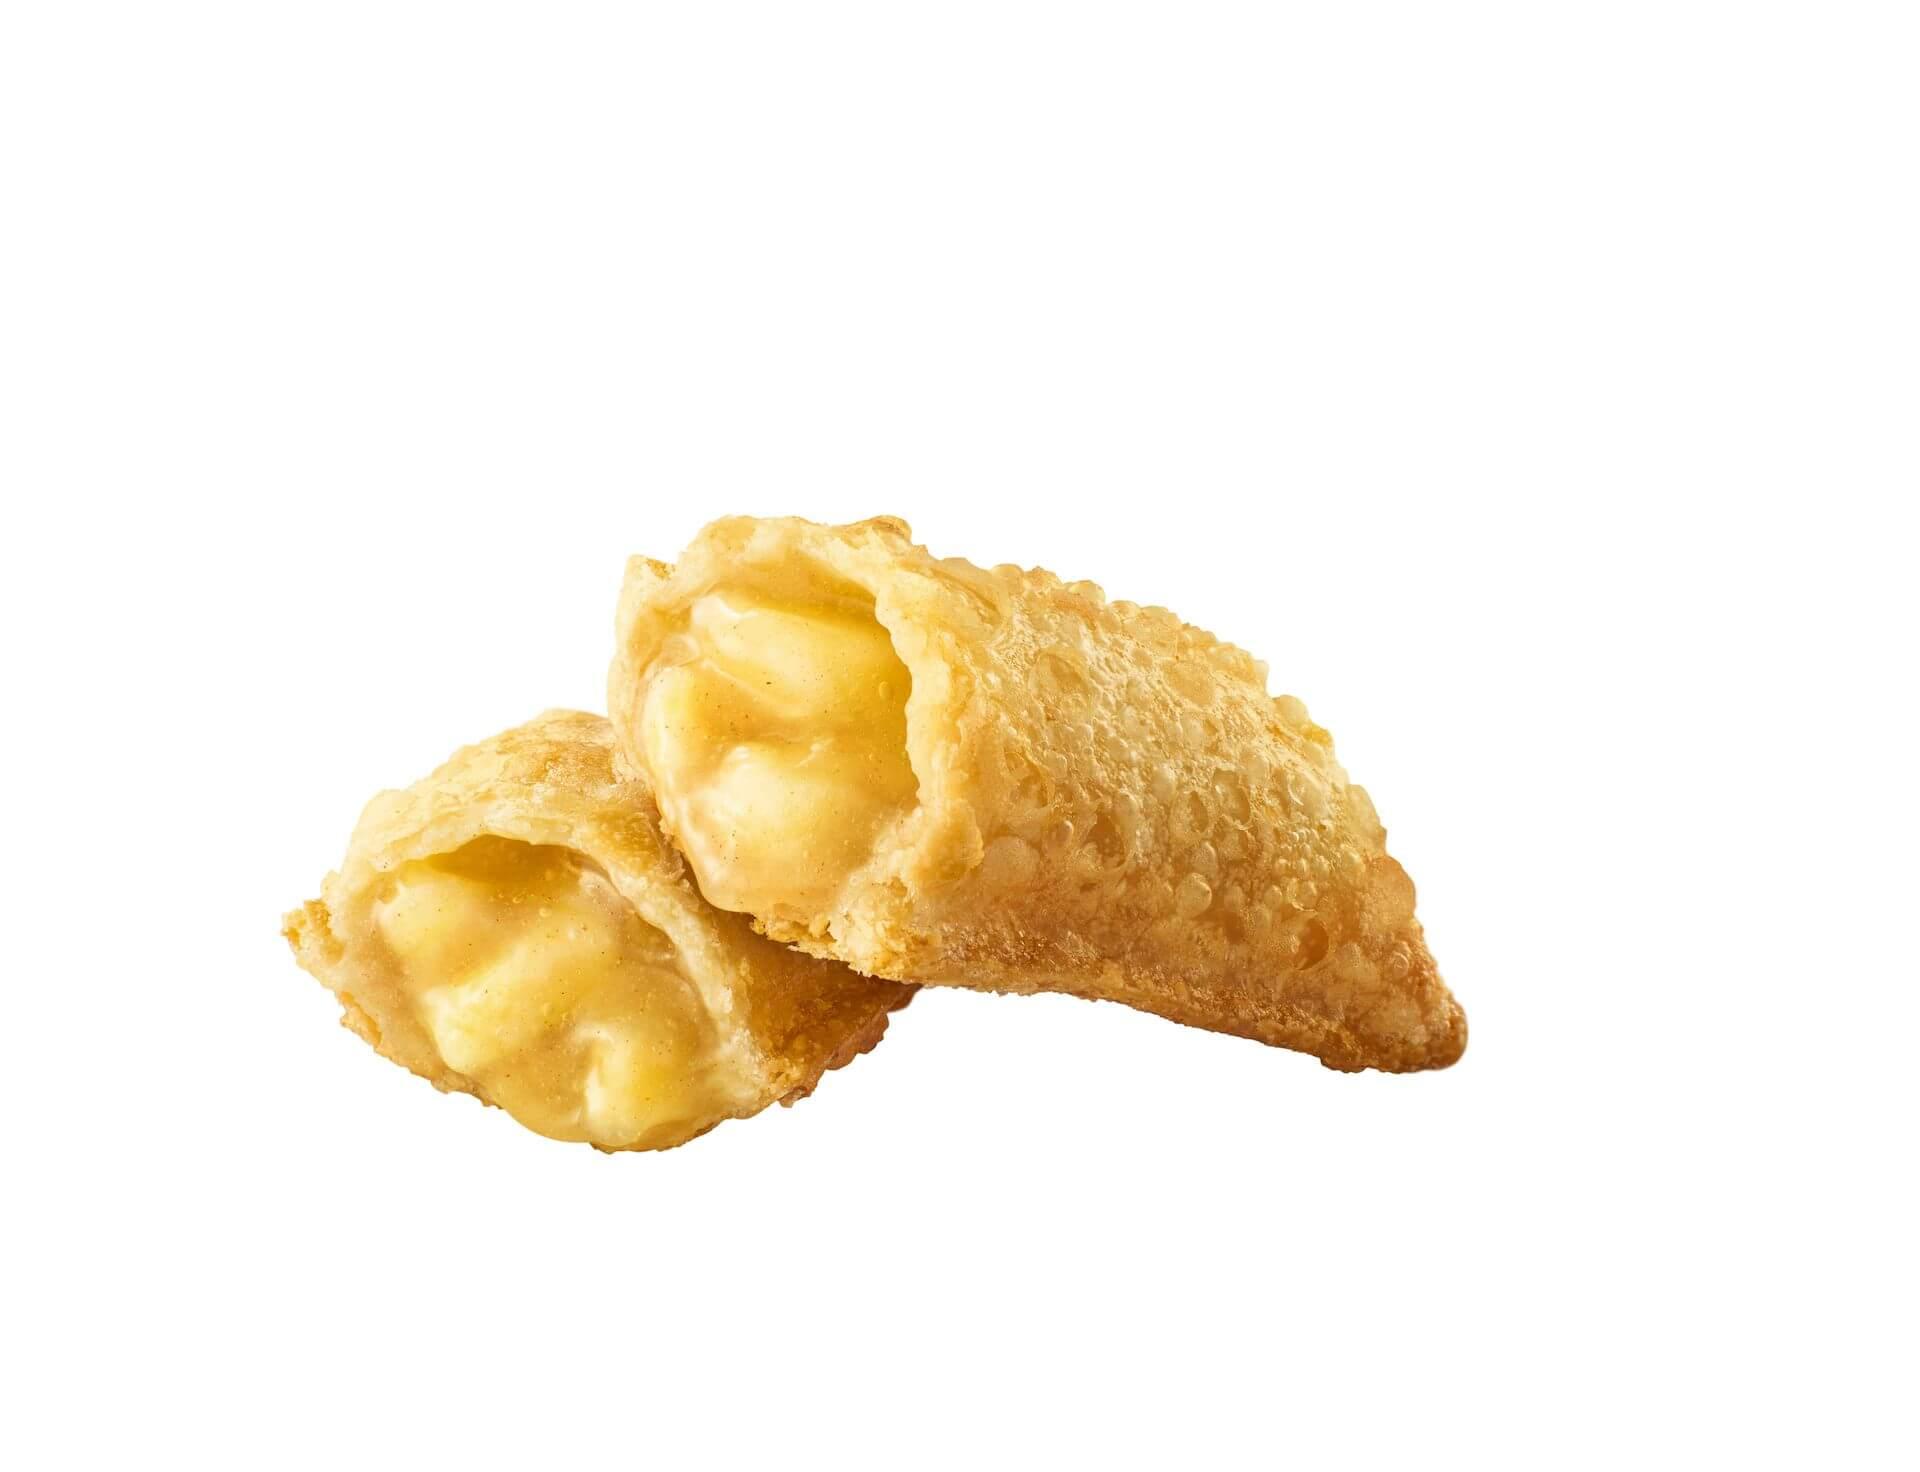 マクドナルドからチョコといちごが絡み合う新作フルーツパイ「ずるいチョコいちごパイ」が新登場!プレミアムローストコーヒーMサイズが100円で飲めるキャンペーンも gourmet210302_mcdonald_pie_3